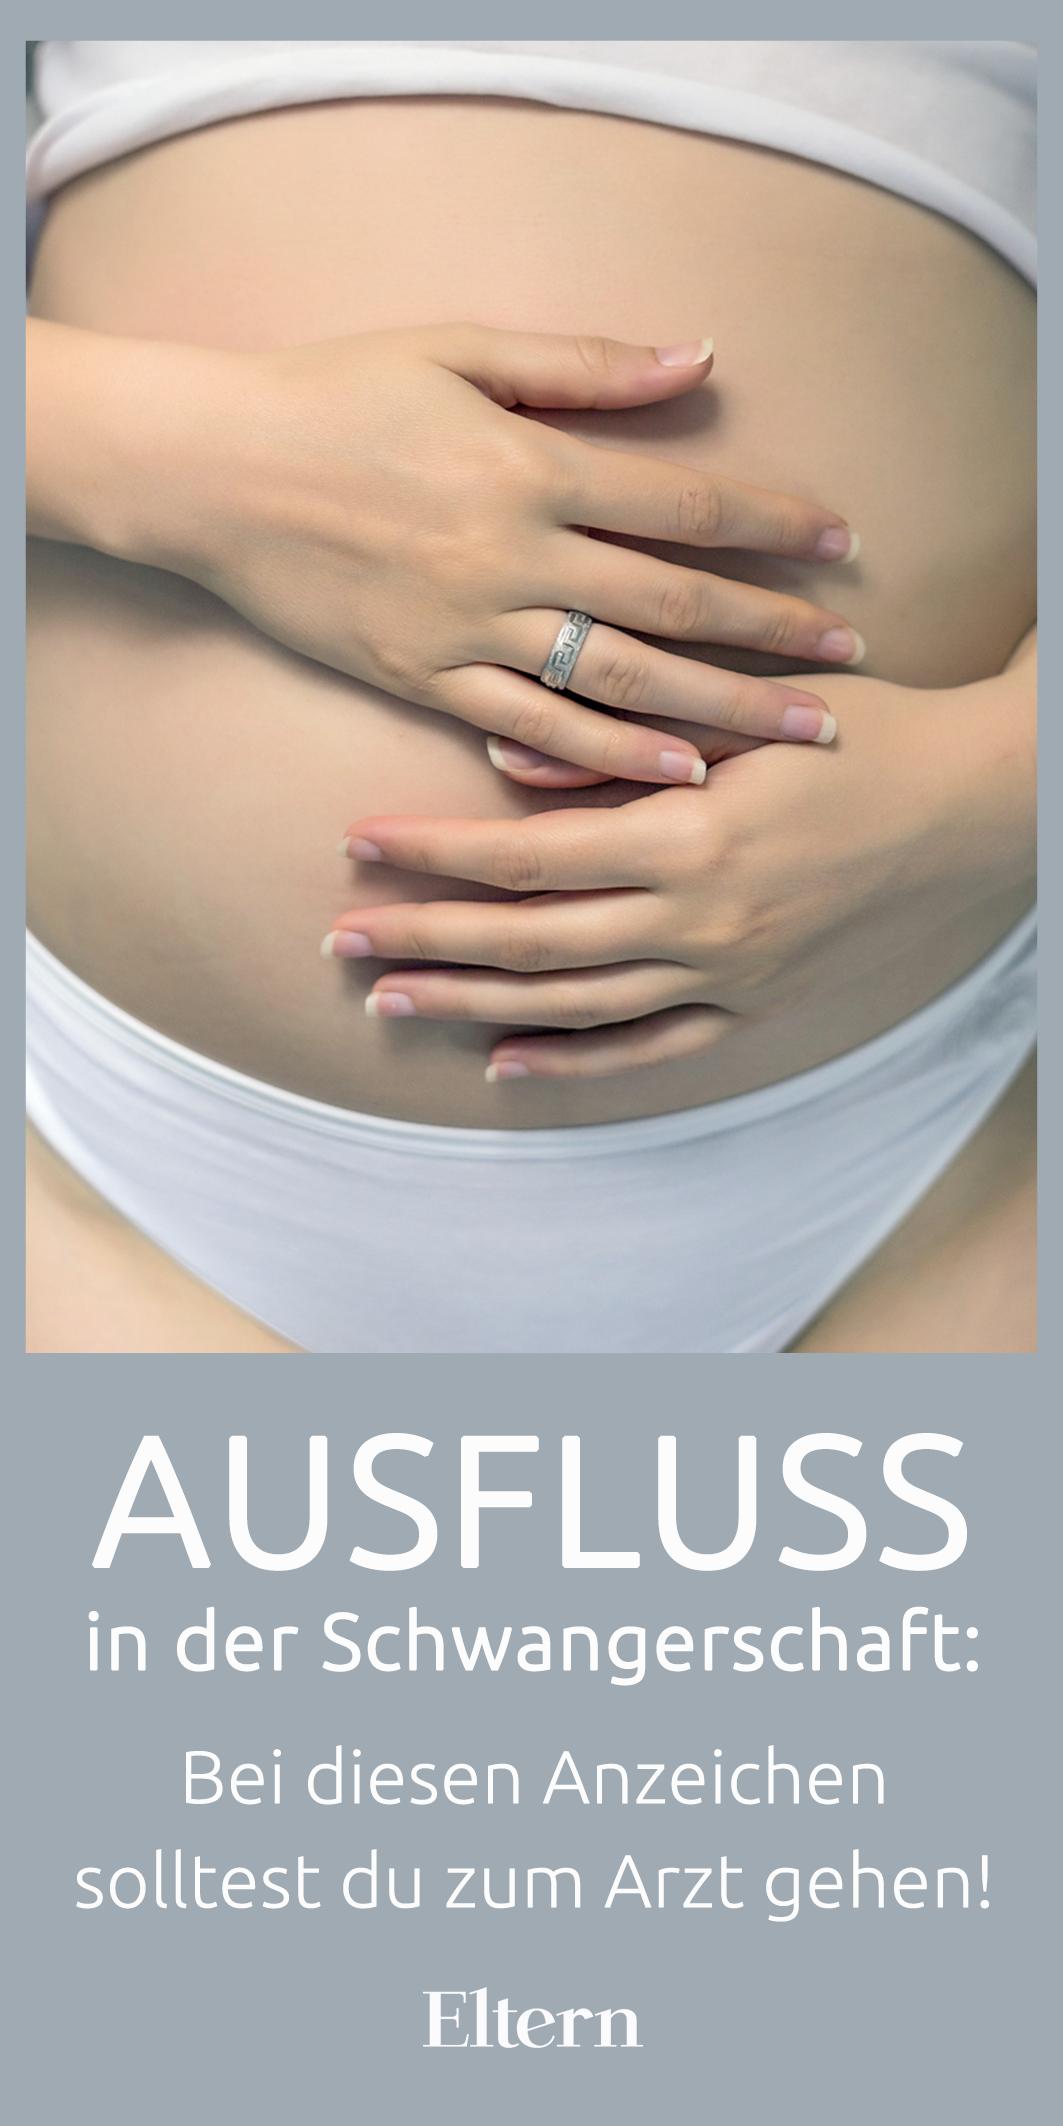 symptom der schwangerschaft ausfluss